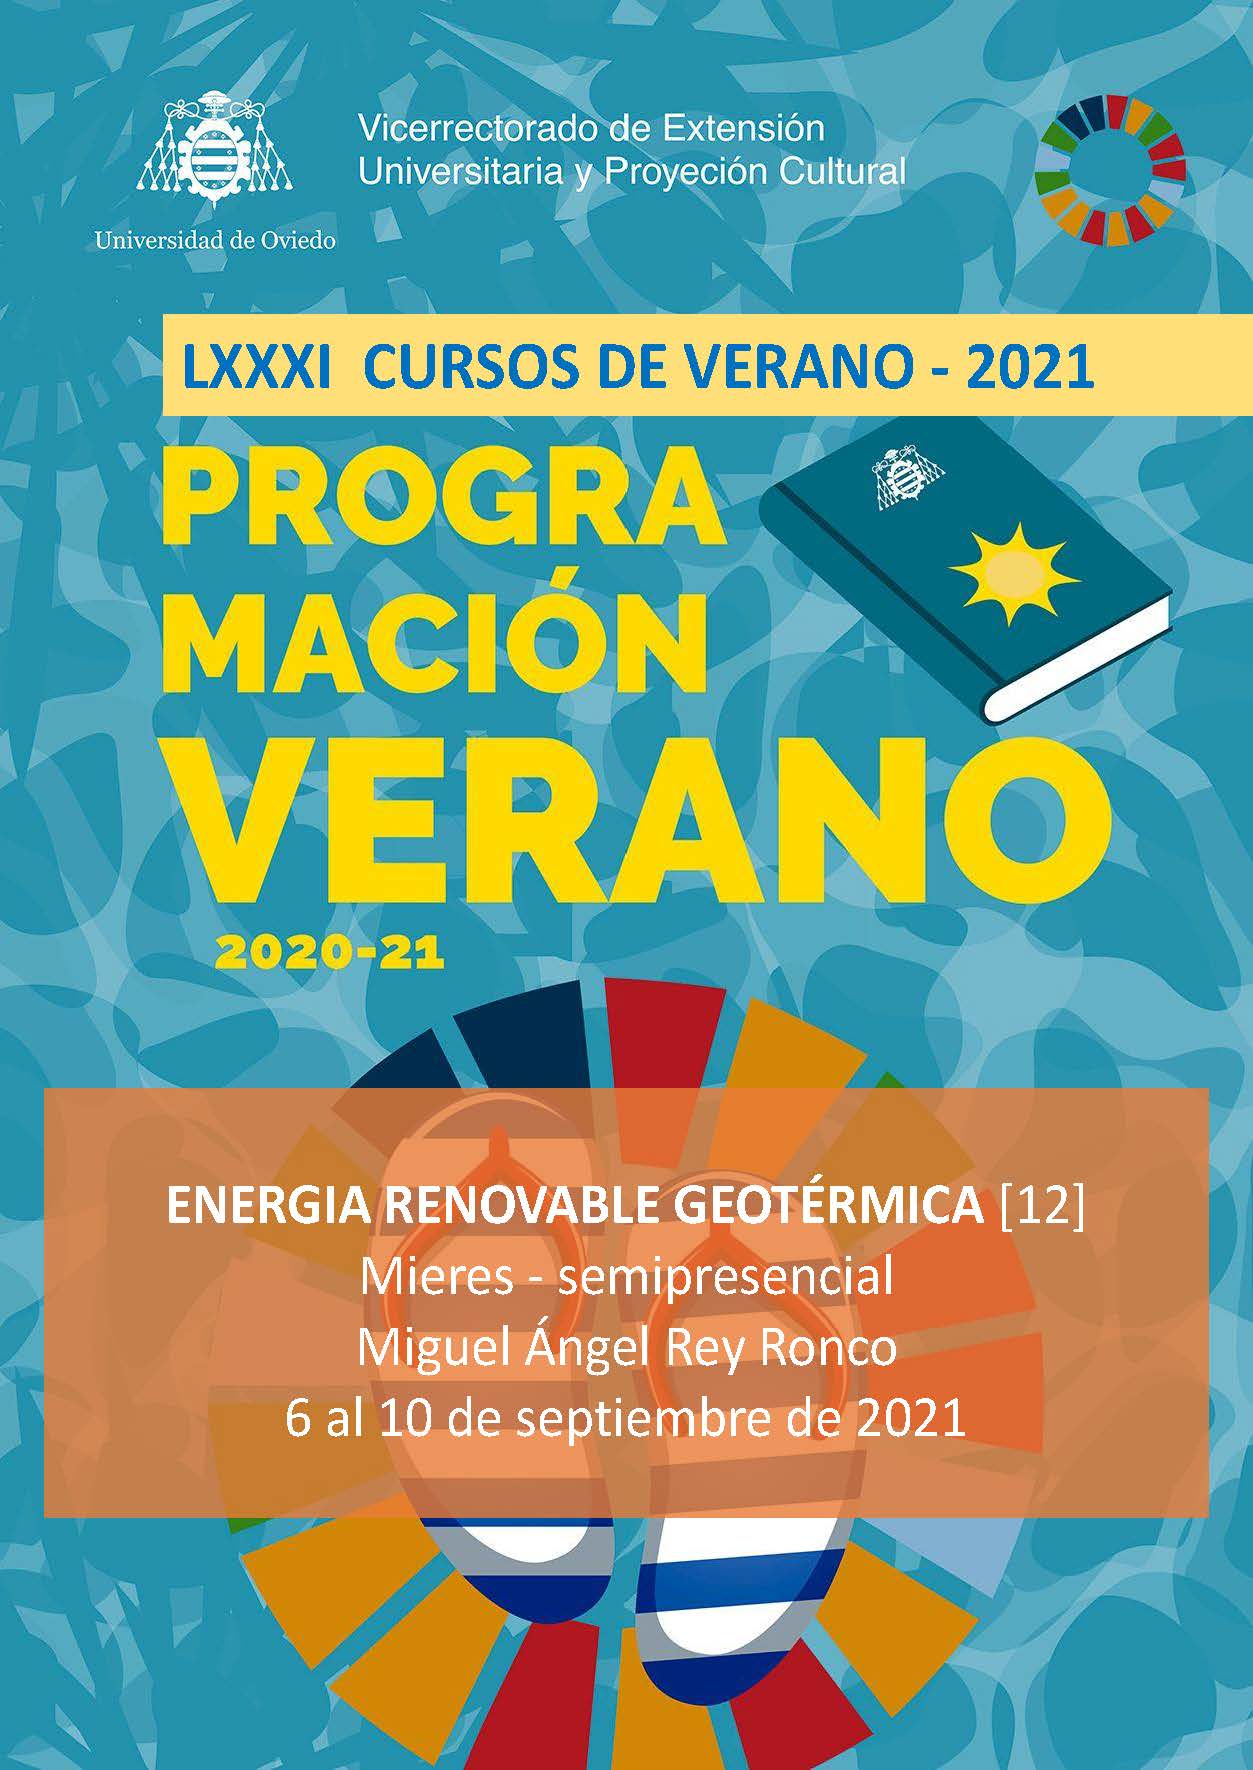 """(Español) Curso de verano Cátedra Hunosa: """"Energía Renovable Geotérmica: de la teoría a la práctica"""" (6 al 10 septiembre 2021)"""